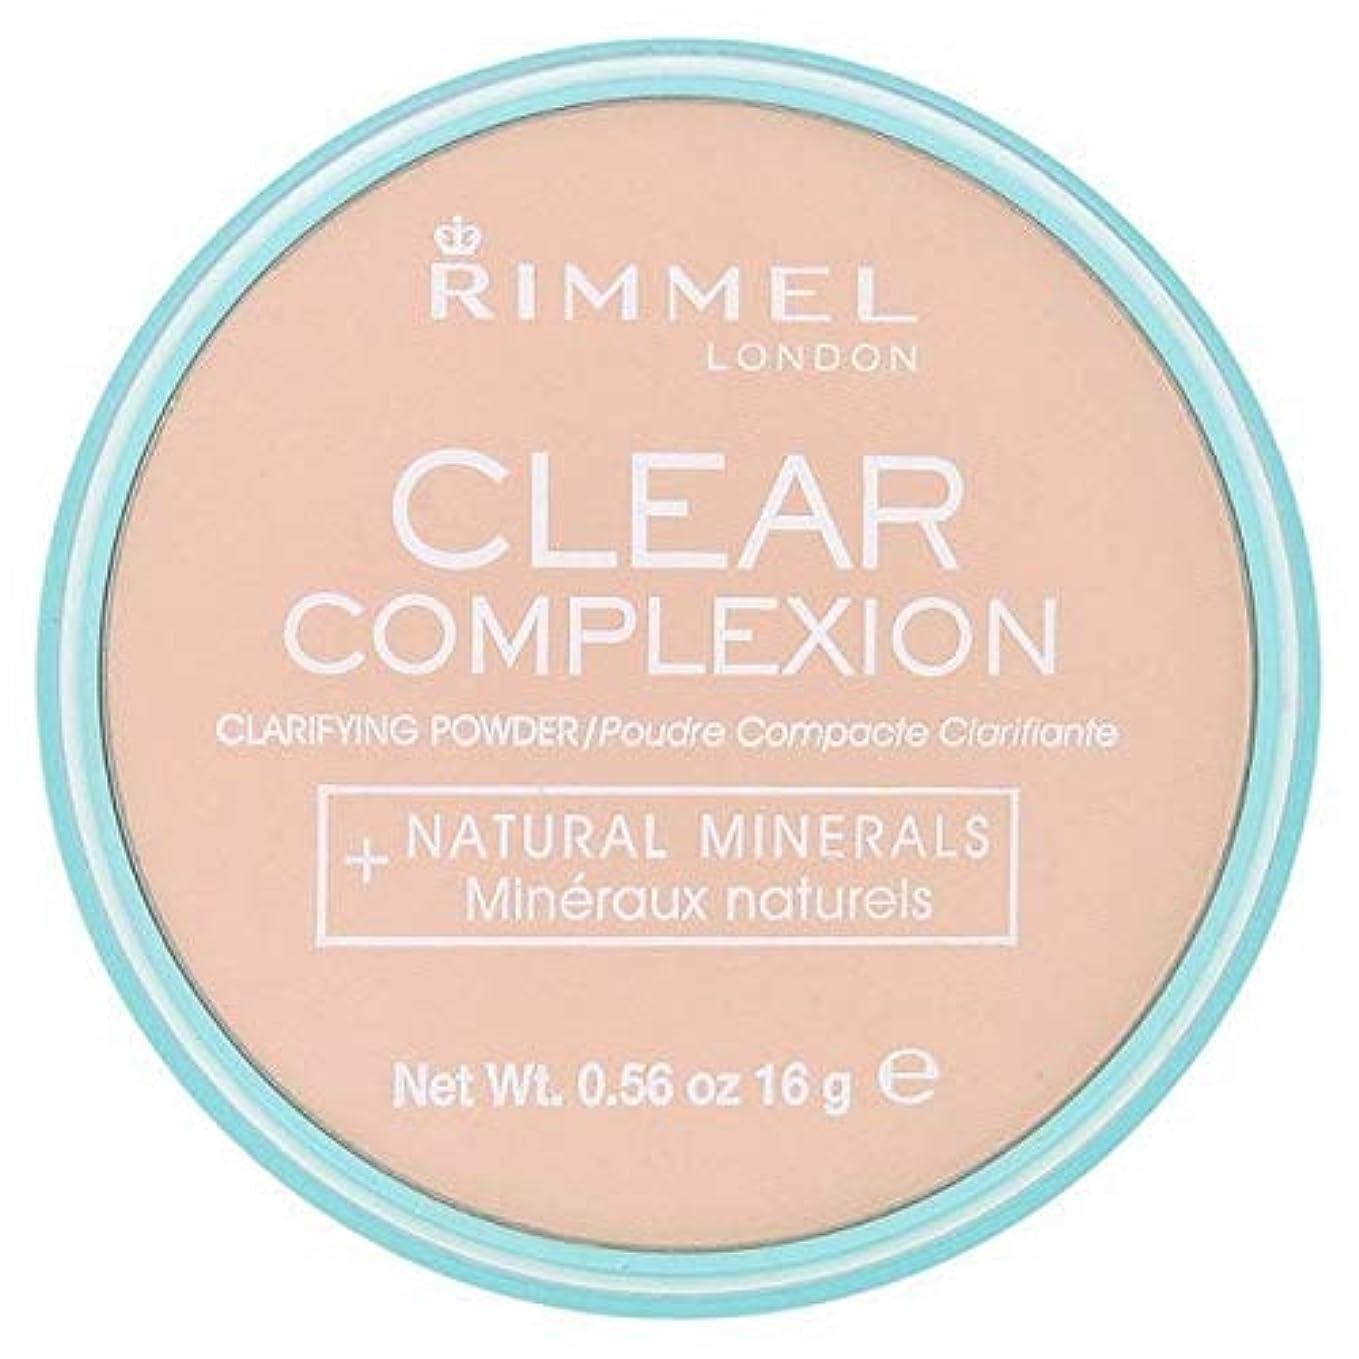 委員会お金ゴム腫瘍[Rimmel ] 21透明リンメル明確な顔色粉末 - Rimmel Clear Complexion Powder Transparent 21 [並行輸入品]